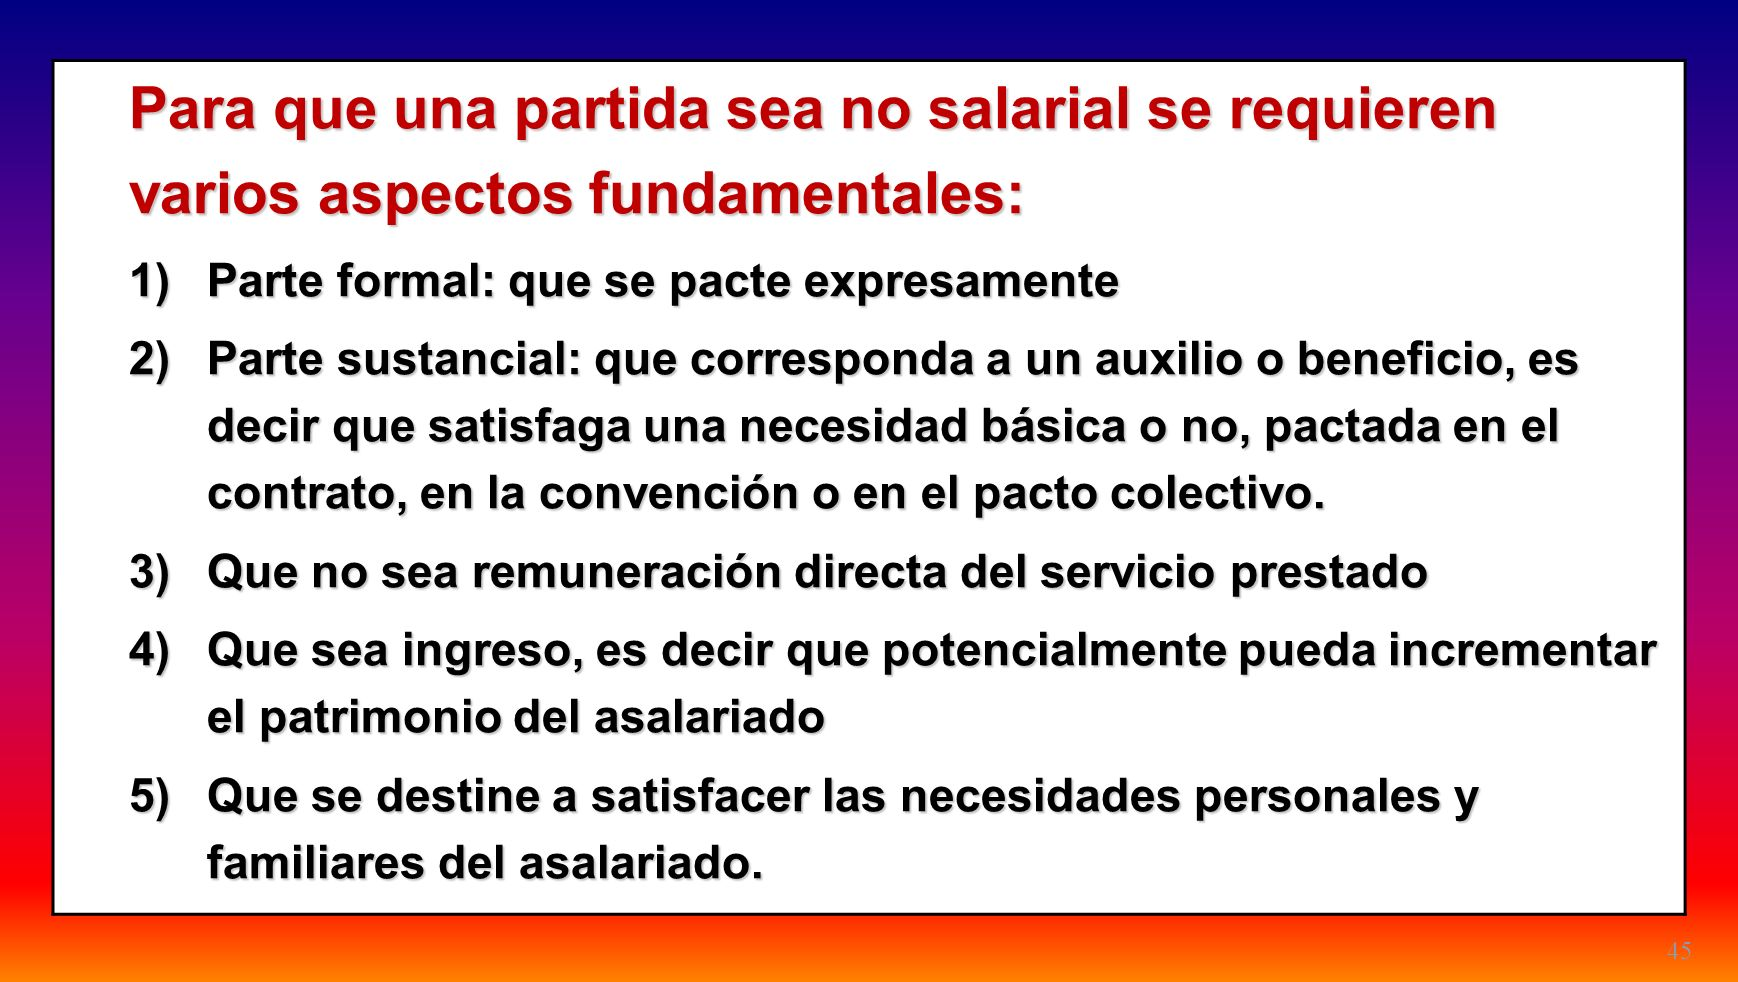 45 Para que una partida sea no salarial se requieren varios aspectos fundamentales: 1)Parte formal: que se pacte expresamente 2)Parte sustancial: que